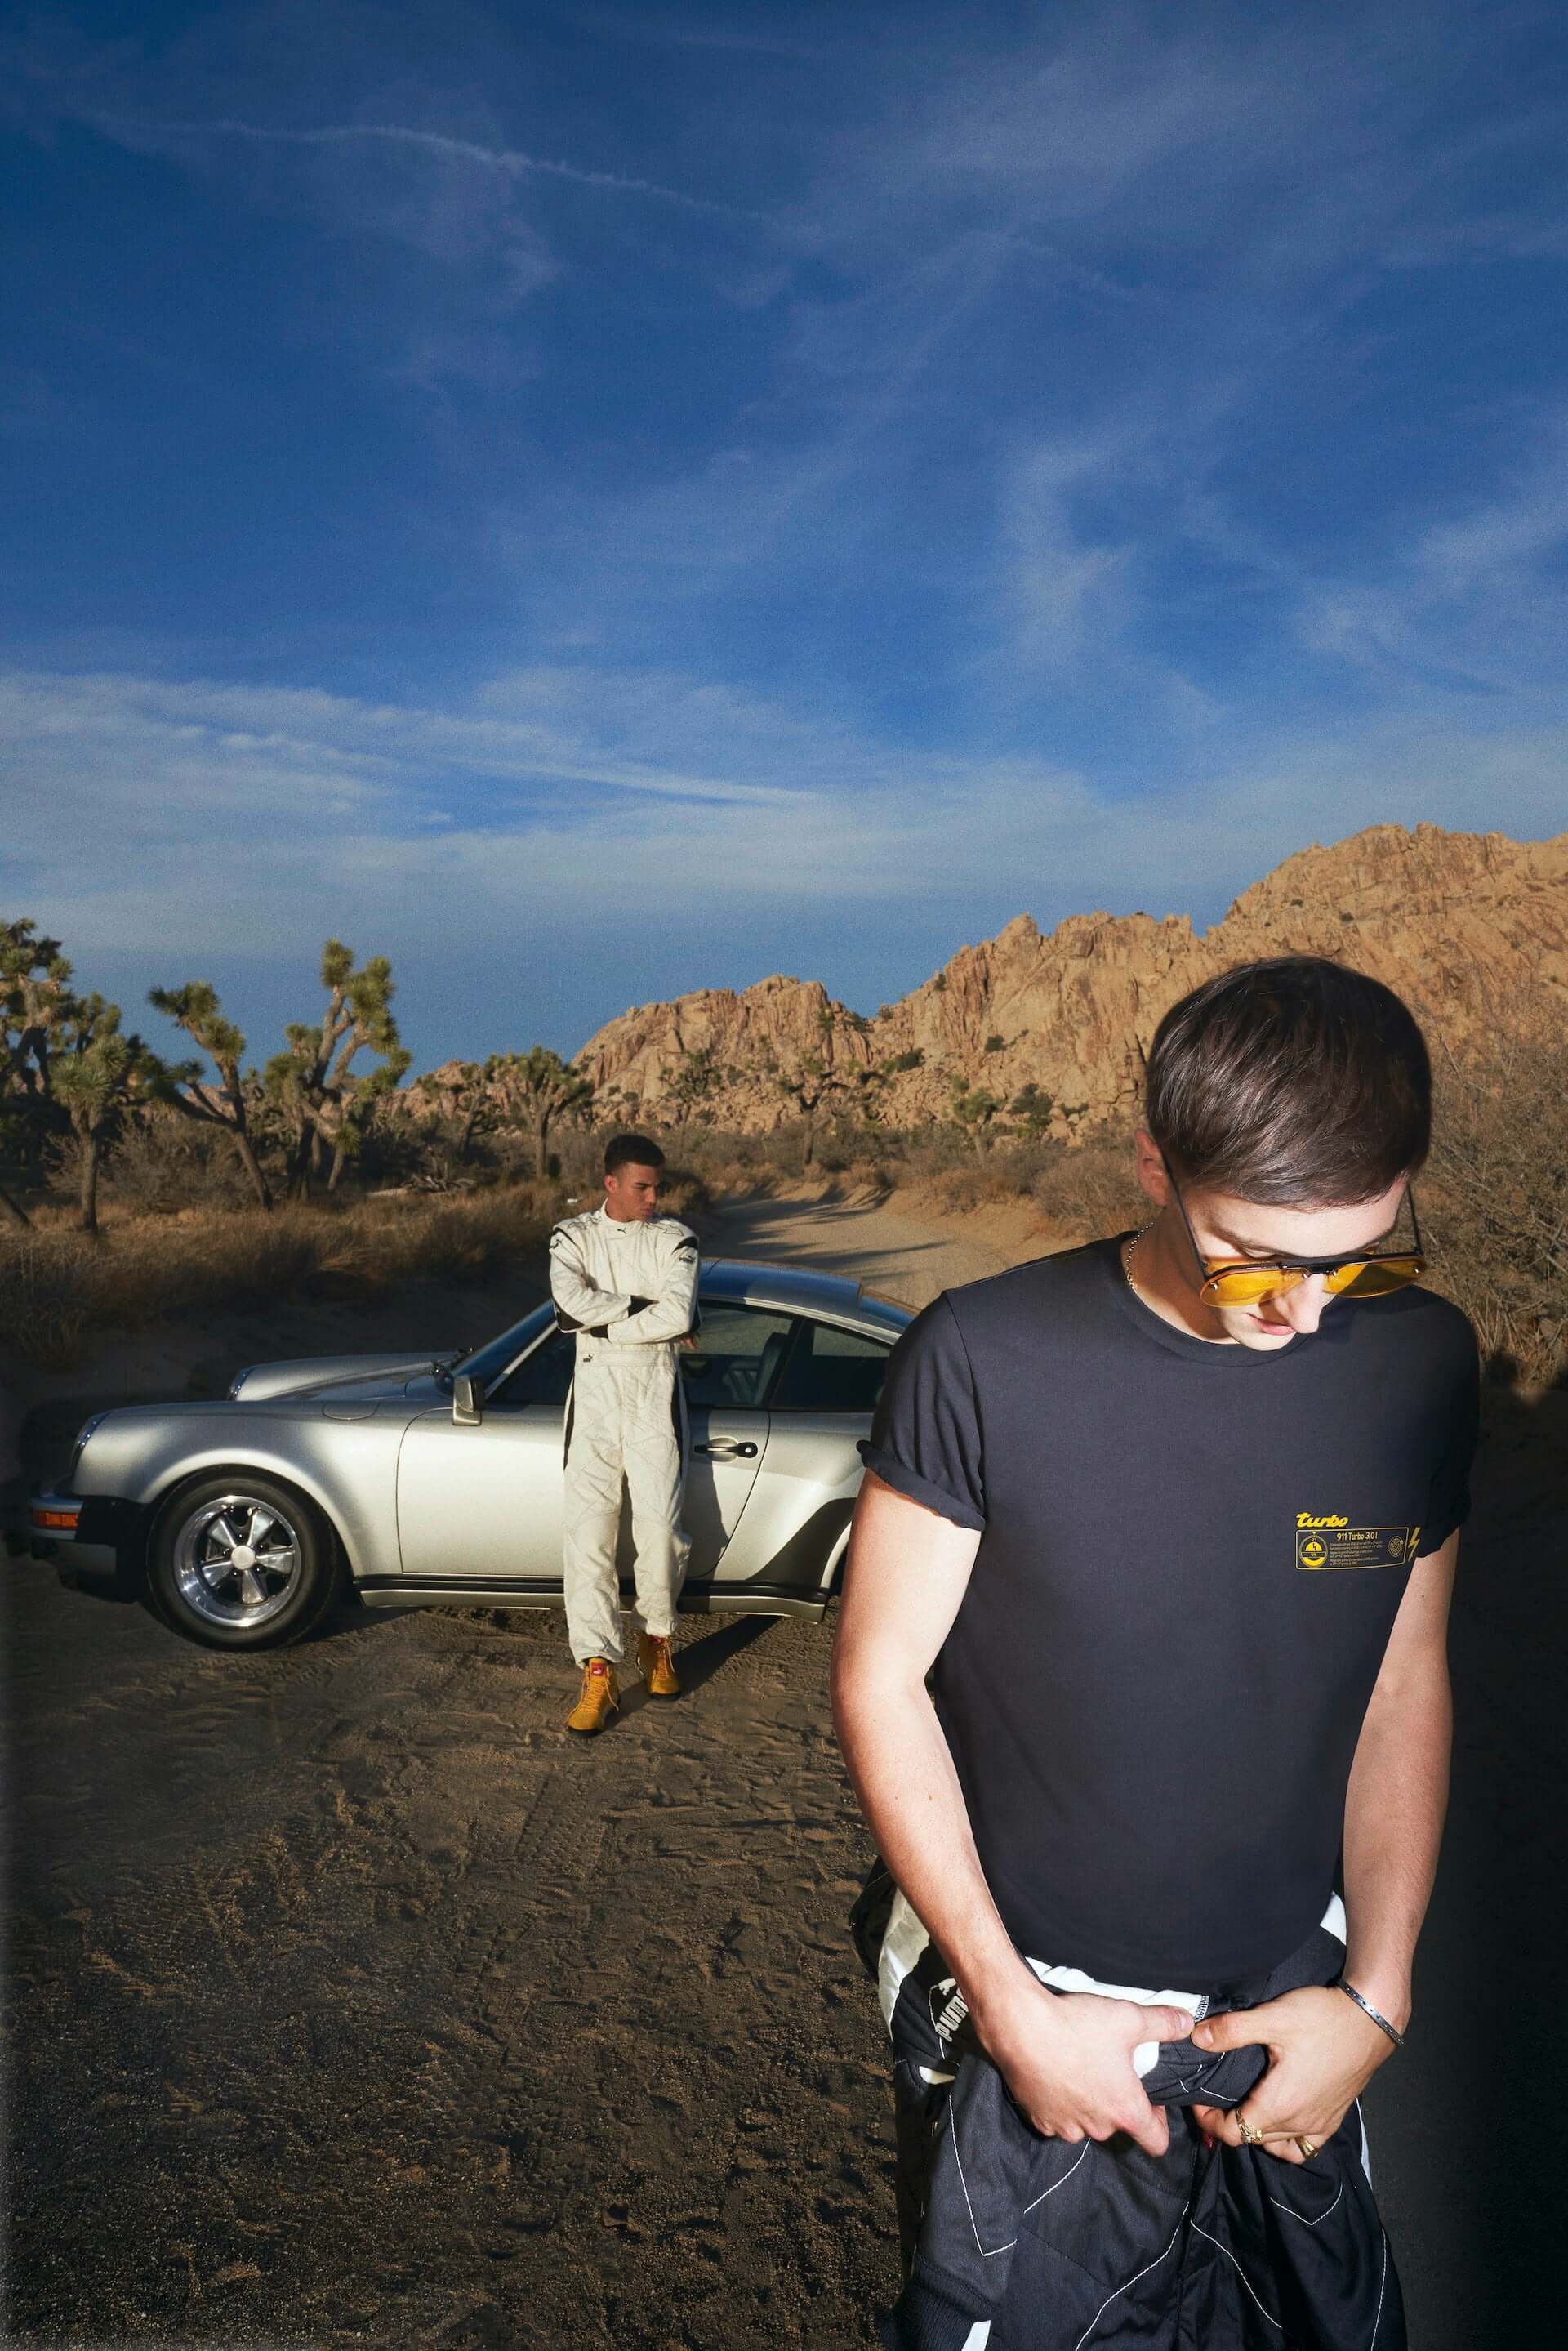 プーマとポルシェによるコラボコレクションが登場!『911 ターボ』の世界観溢れるスニーカーやTシャツなど life200410_puma_porsche_22-1920x2878